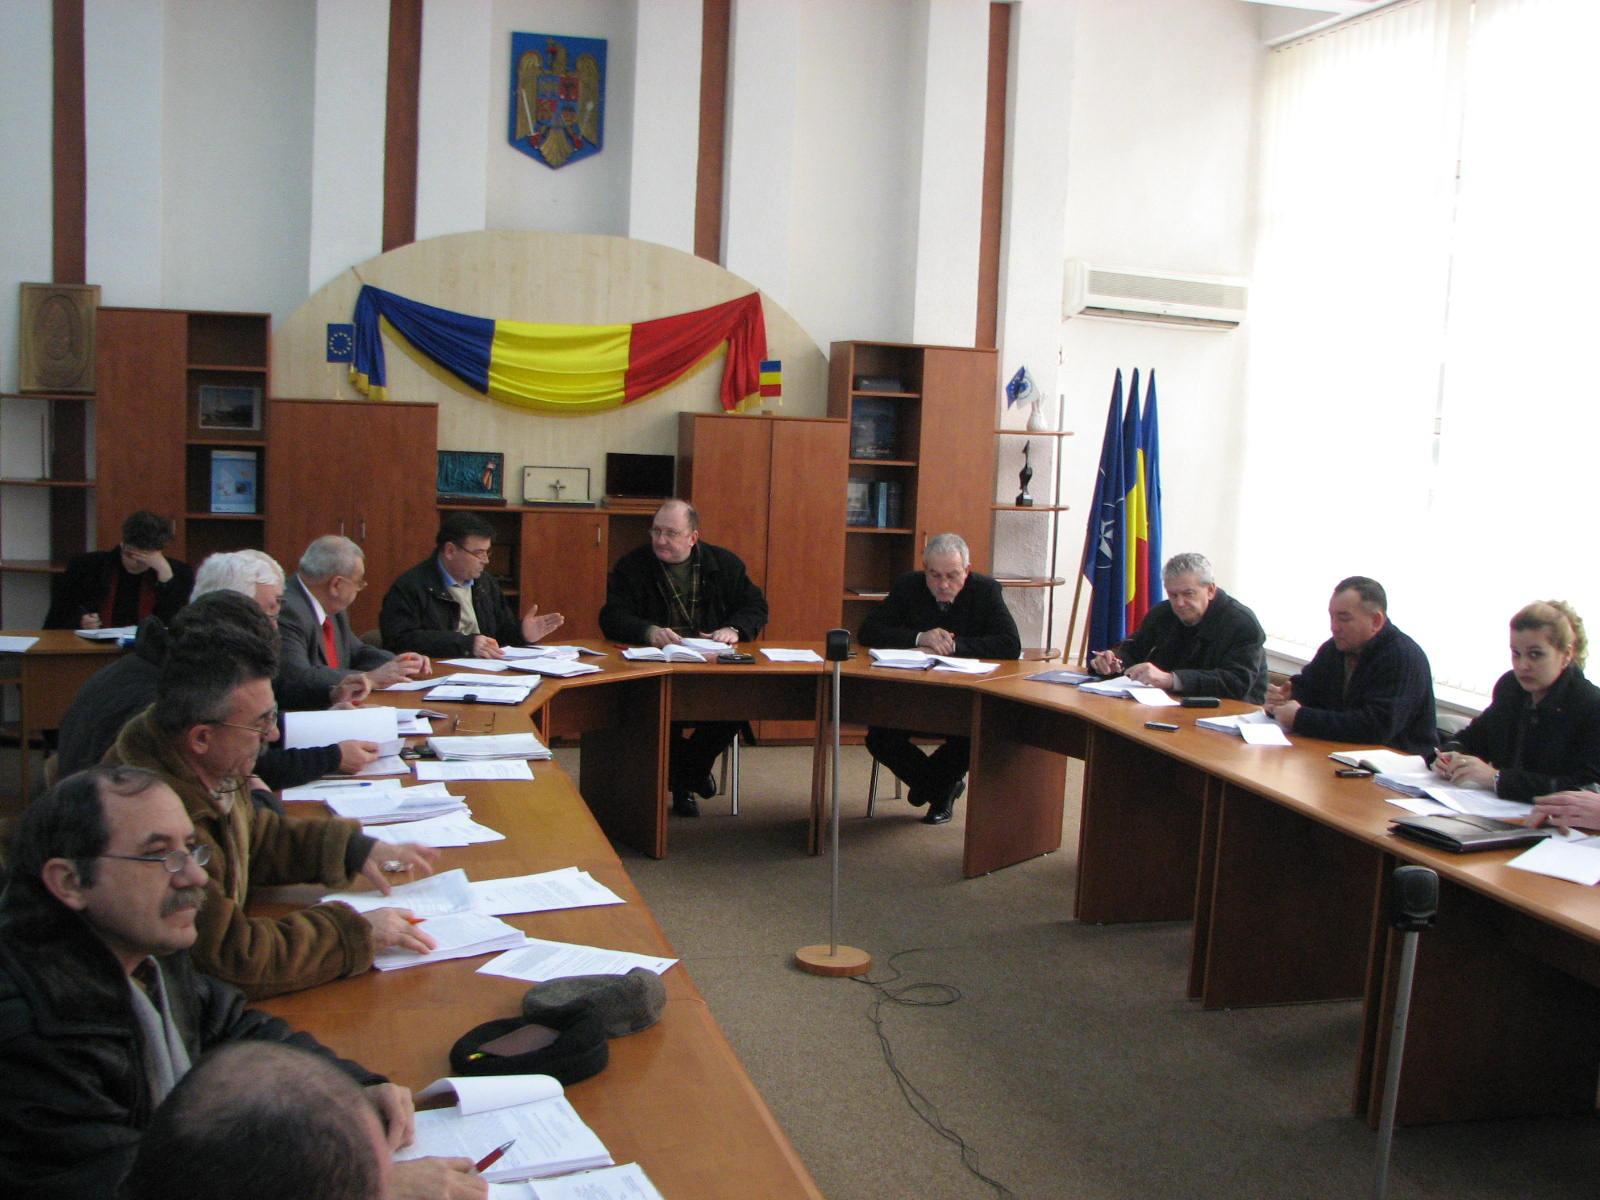 Mehedinți: Orșova a rămas fără 4 consilieri locali